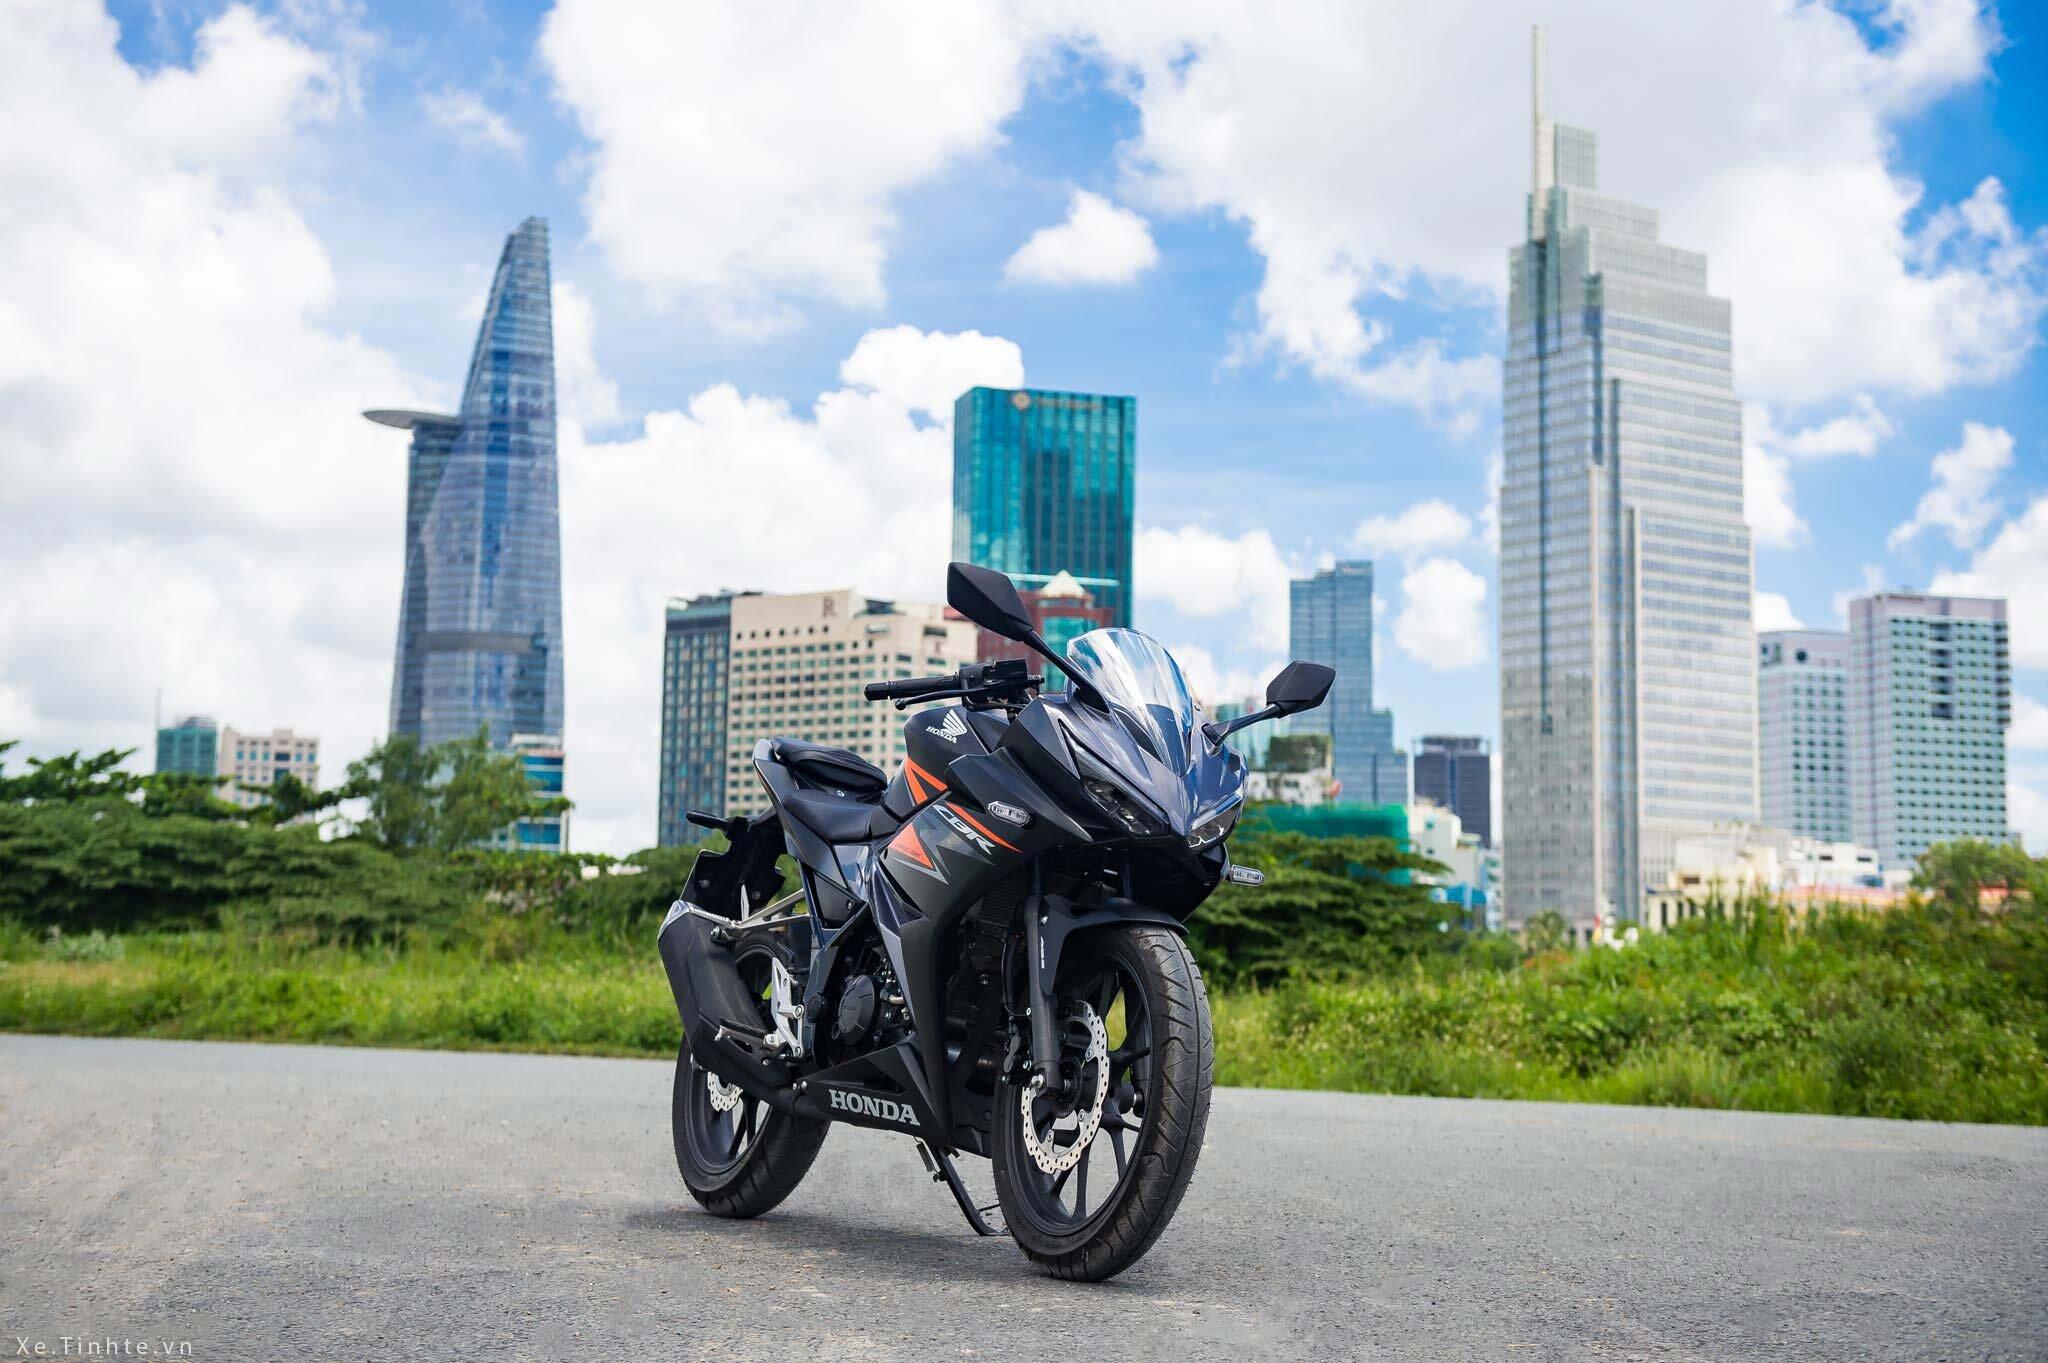 Honda CBR150R có ABS là đối thủ cạnh tranh với nhiều siêu xe nổi tiếng